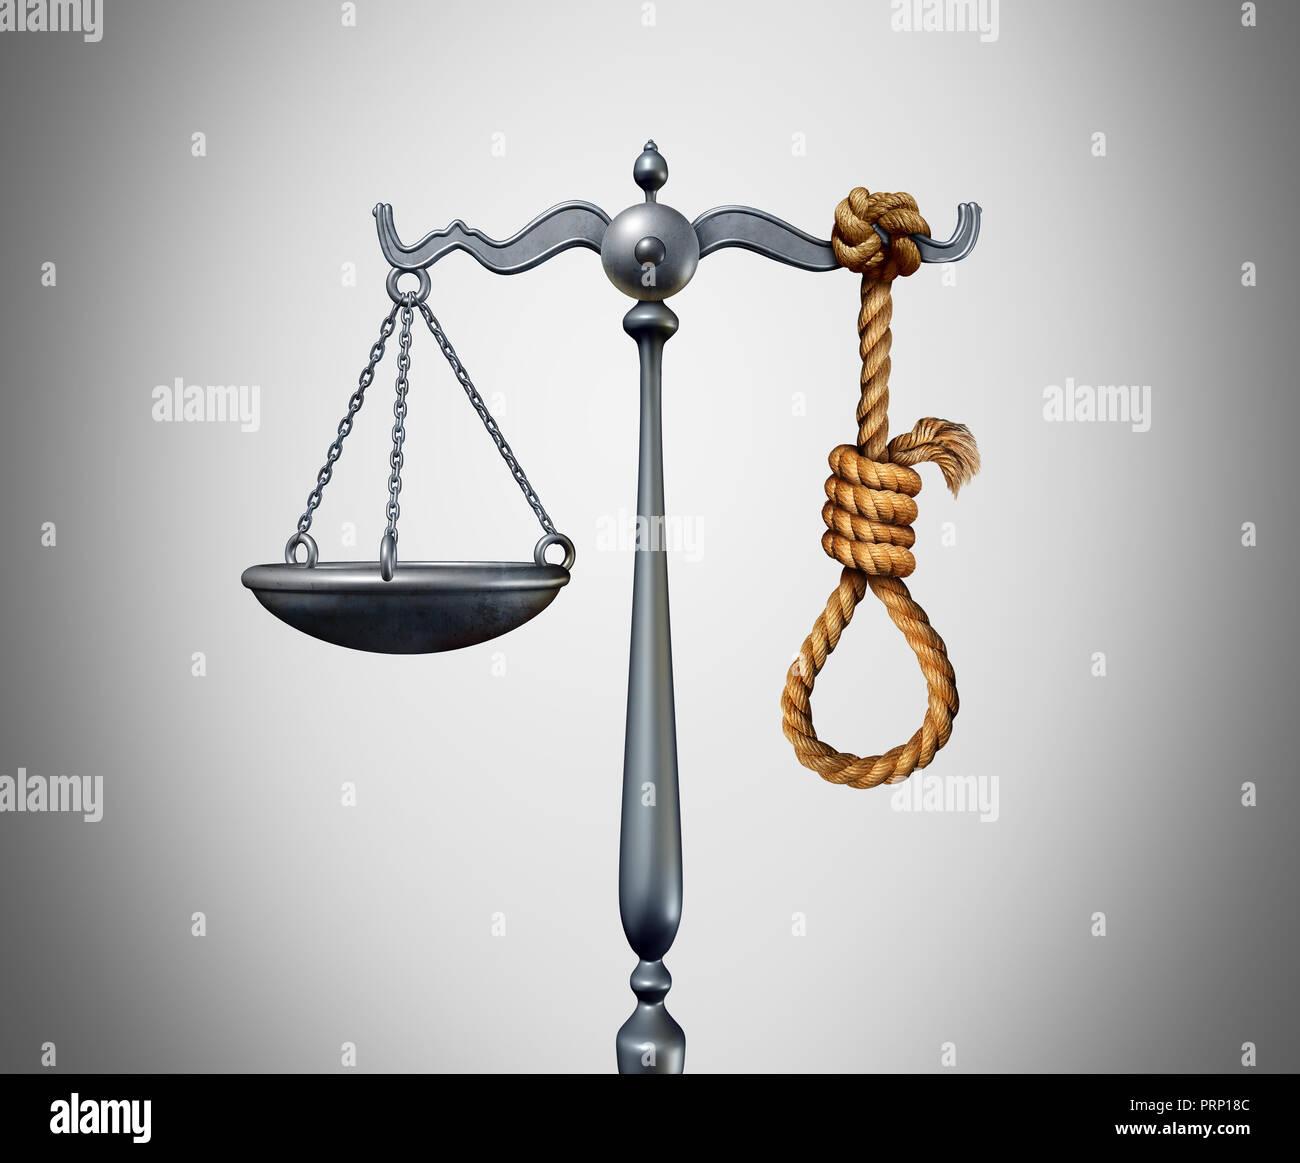 Todesstrafe und Todesstrafe als Kriminelle, die von der Regierung für das Verbrechen des Mordes mit 3D-Illustration Elemente getötet. Stockbild